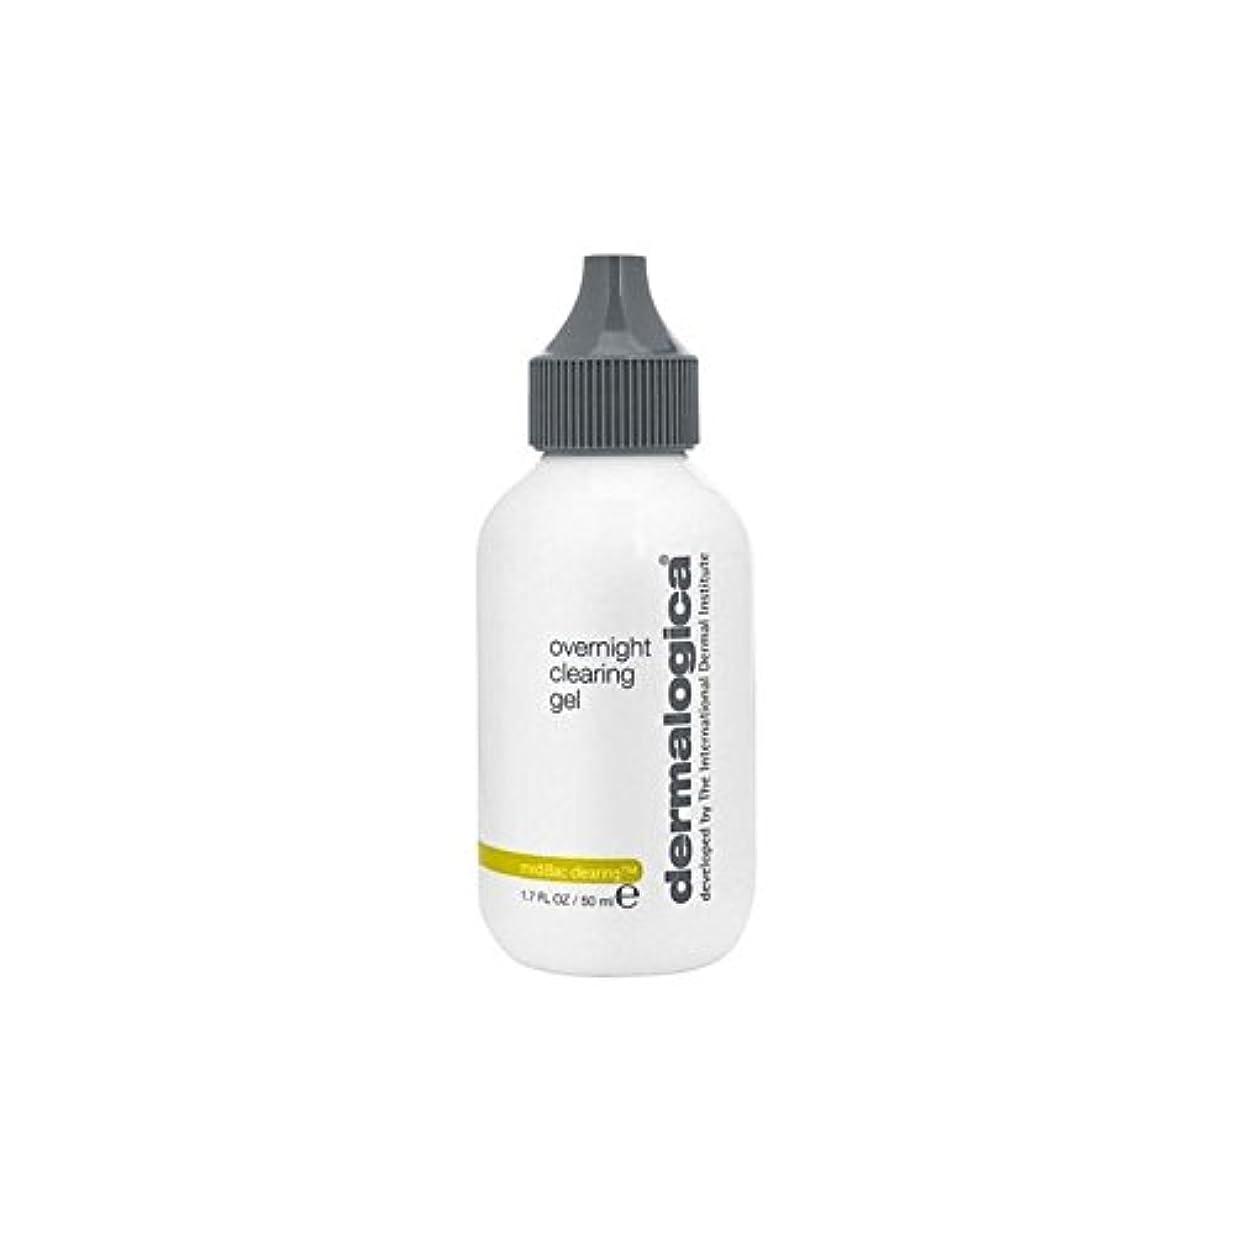 正しく継続中緊張ダーマロジカ一晩透明ゲル(50)中 x4 - Dermalogica Medibac Overnight Clearing Gel (50ml) (Pack of 4) [並行輸入品]